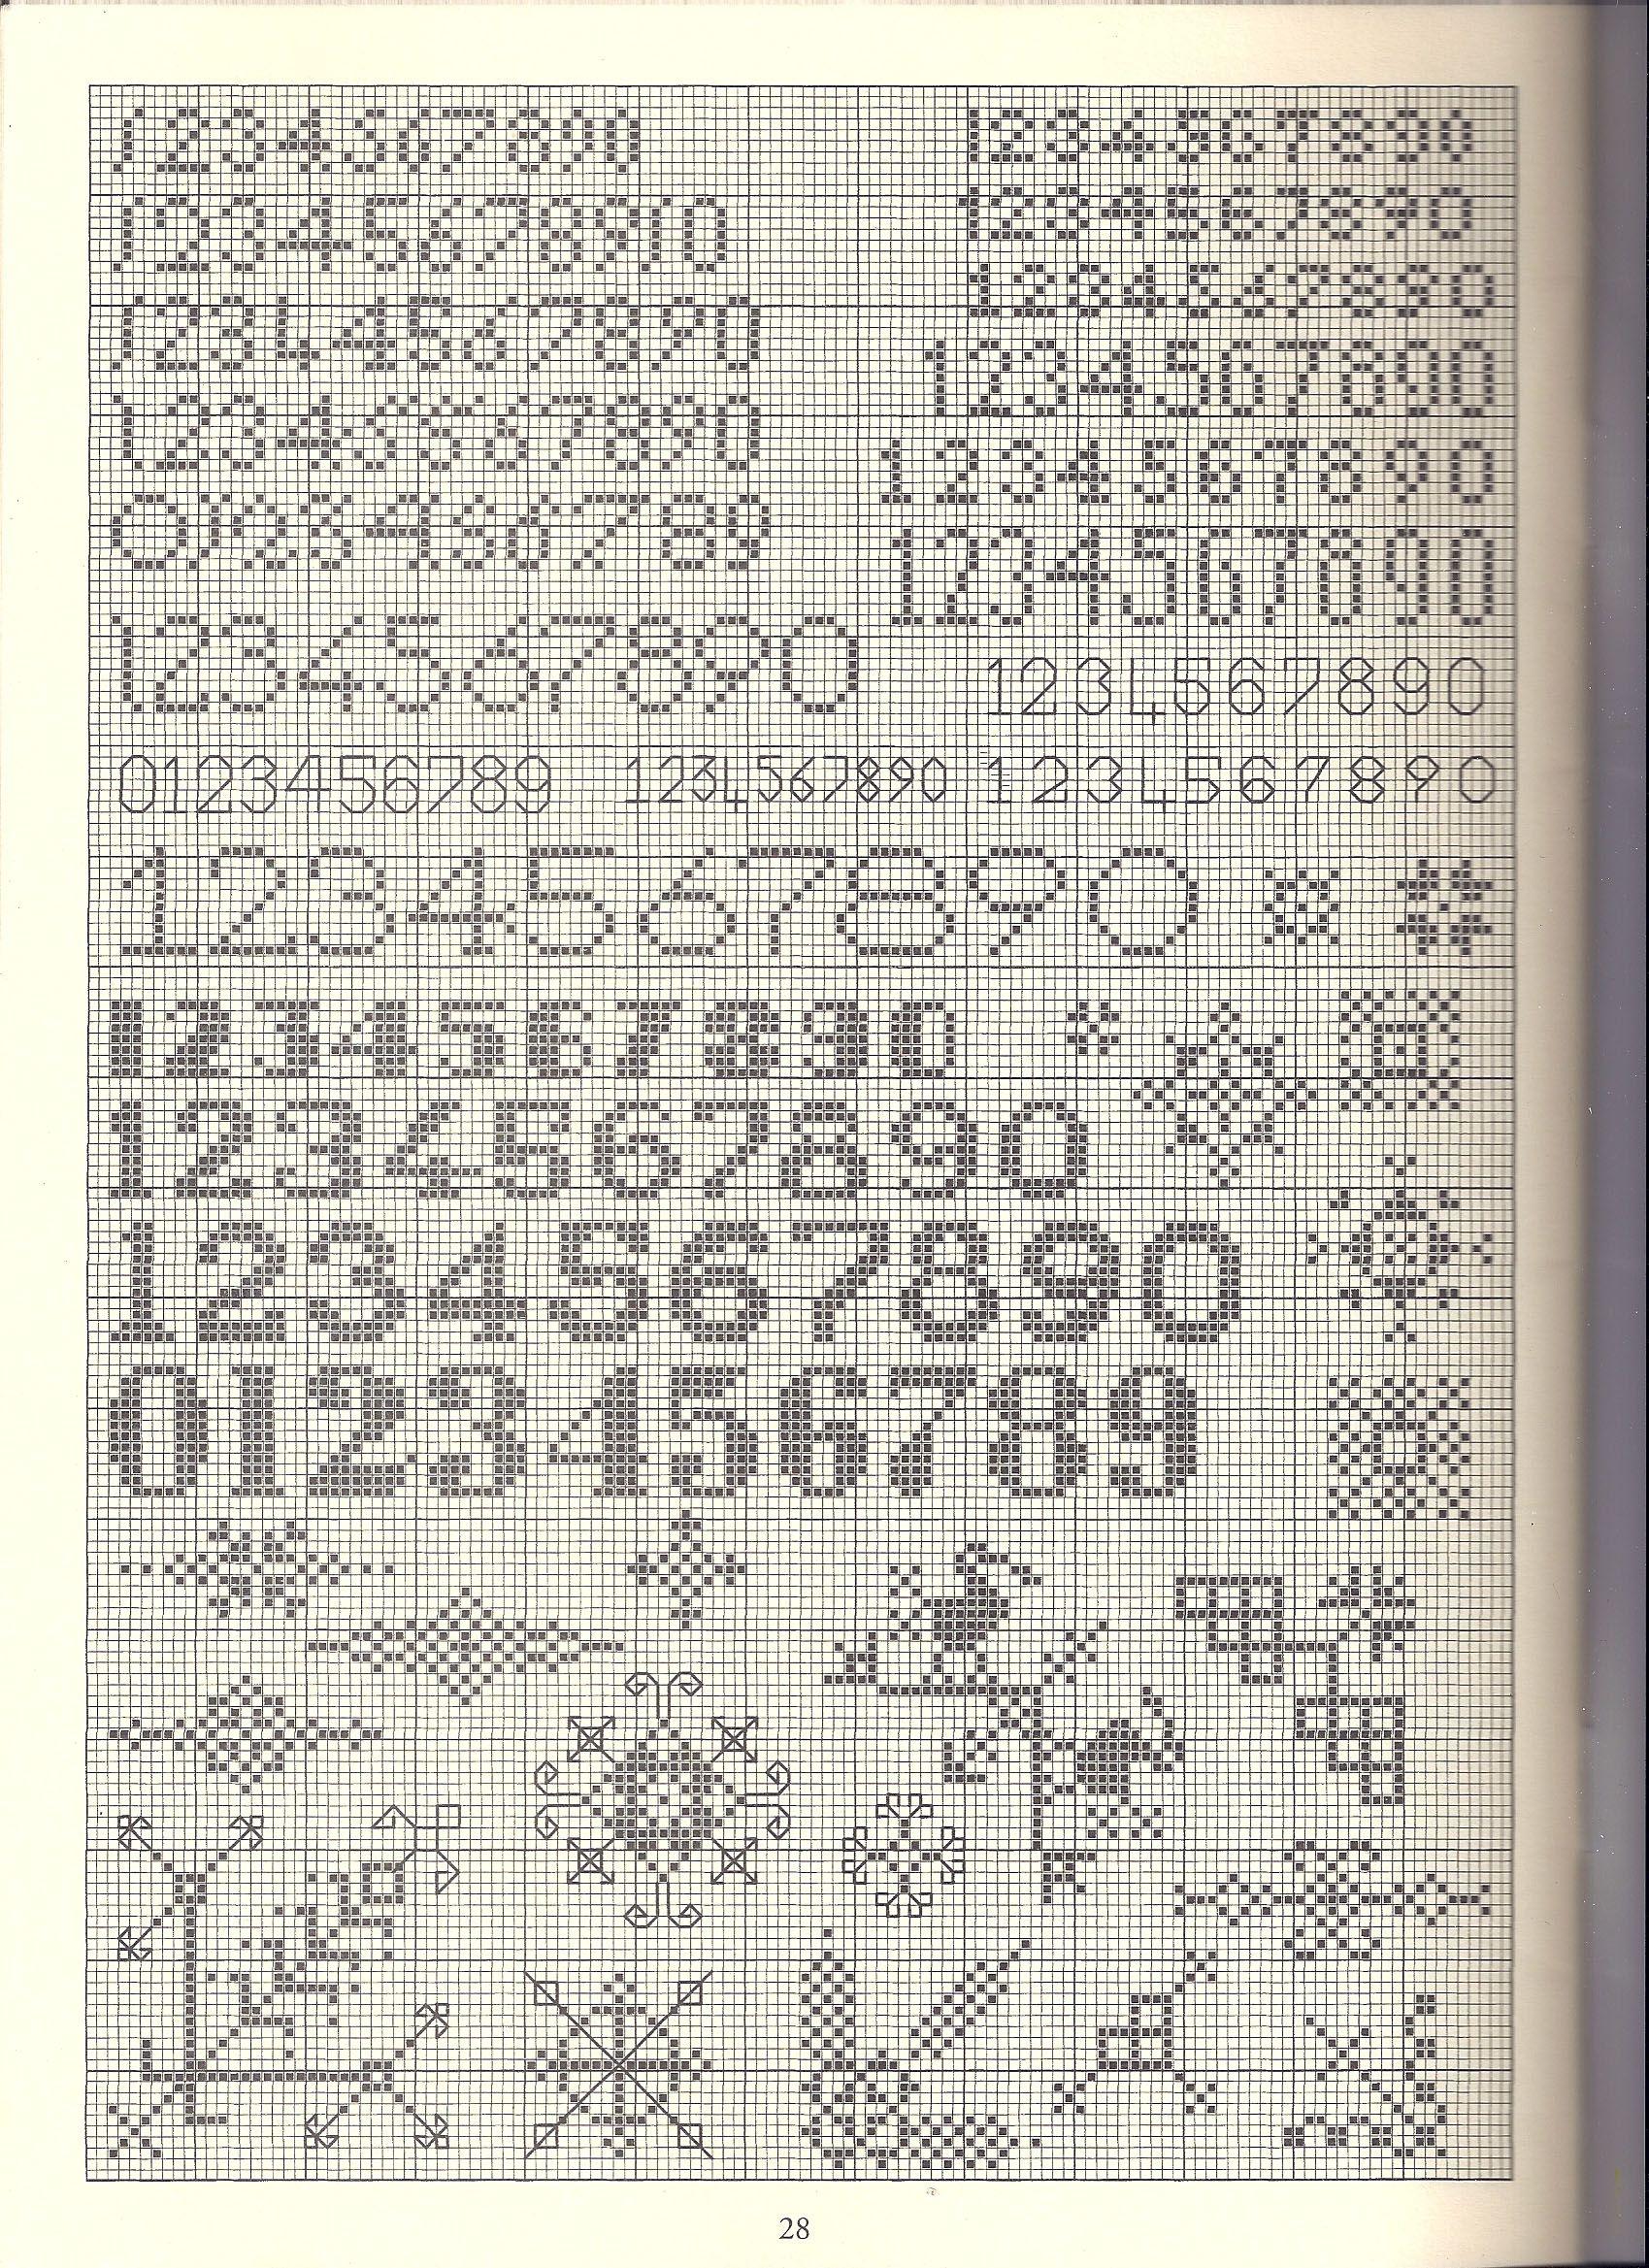 Pin von Donna Pavlik auf Free pattern | Pinterest | Zahlen ...